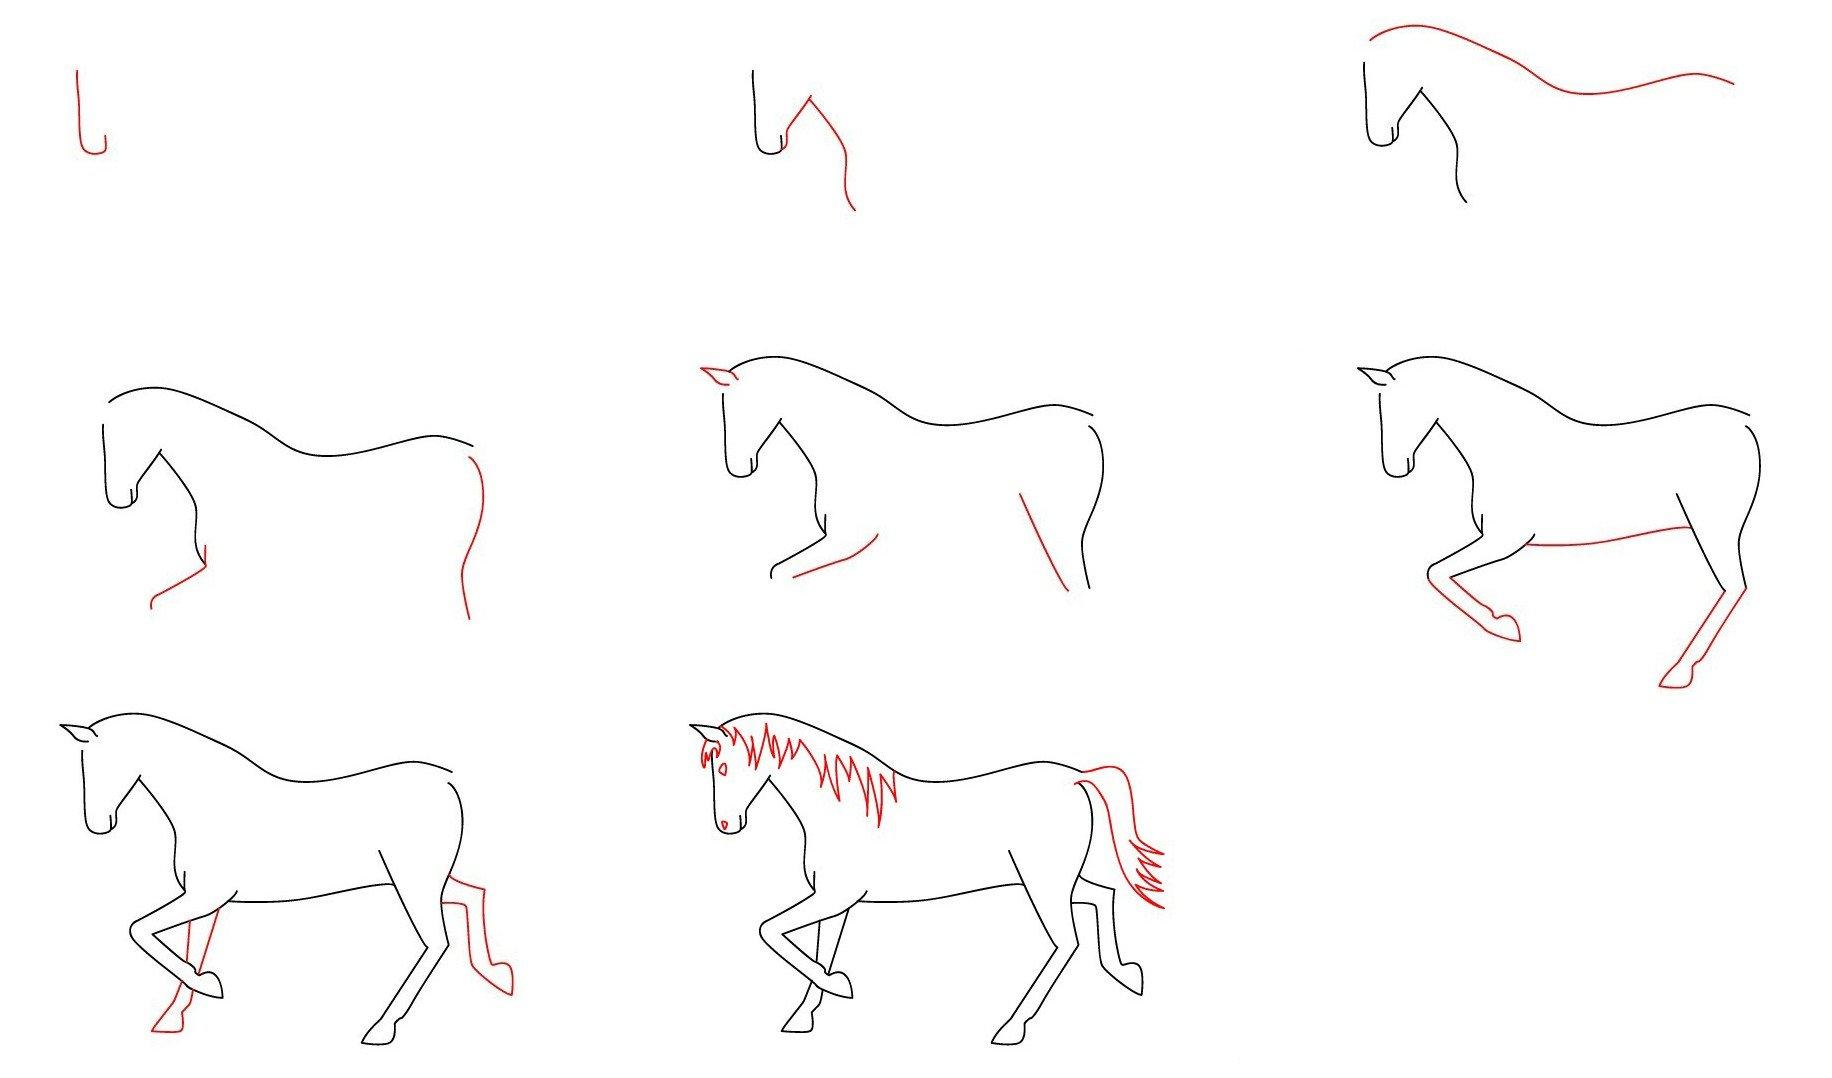 Картинки лошади карандашом для начинающих, гает байрам